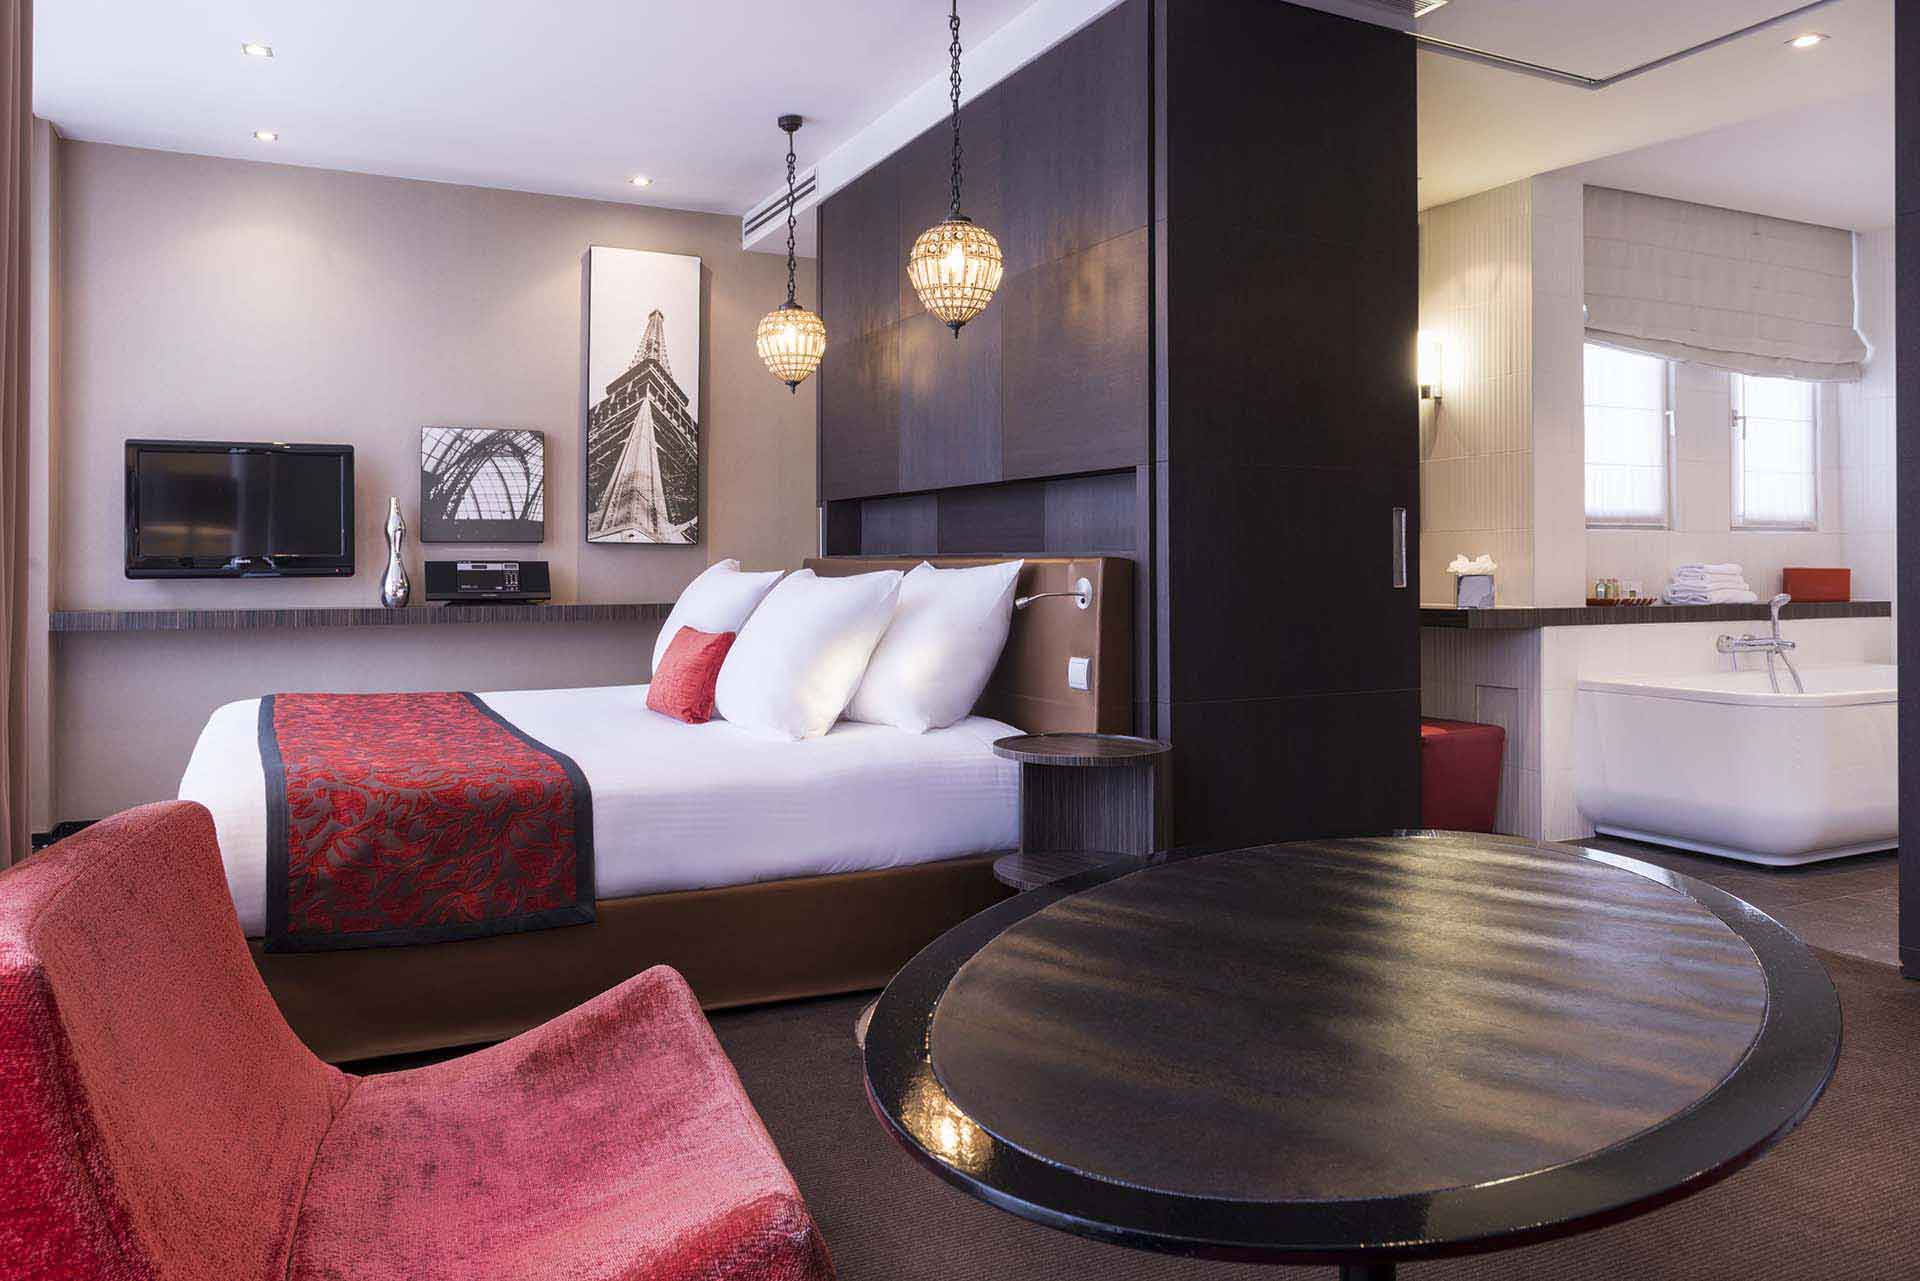 h tel champs elys es paris h tel etoile saint honor. Black Bedroom Furniture Sets. Home Design Ideas